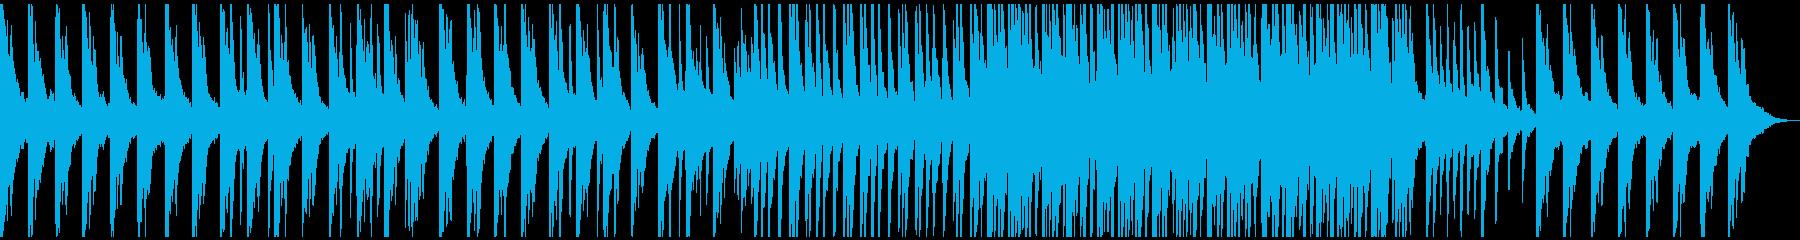 心を癒す優しいピアノでリラックスの再生済みの波形